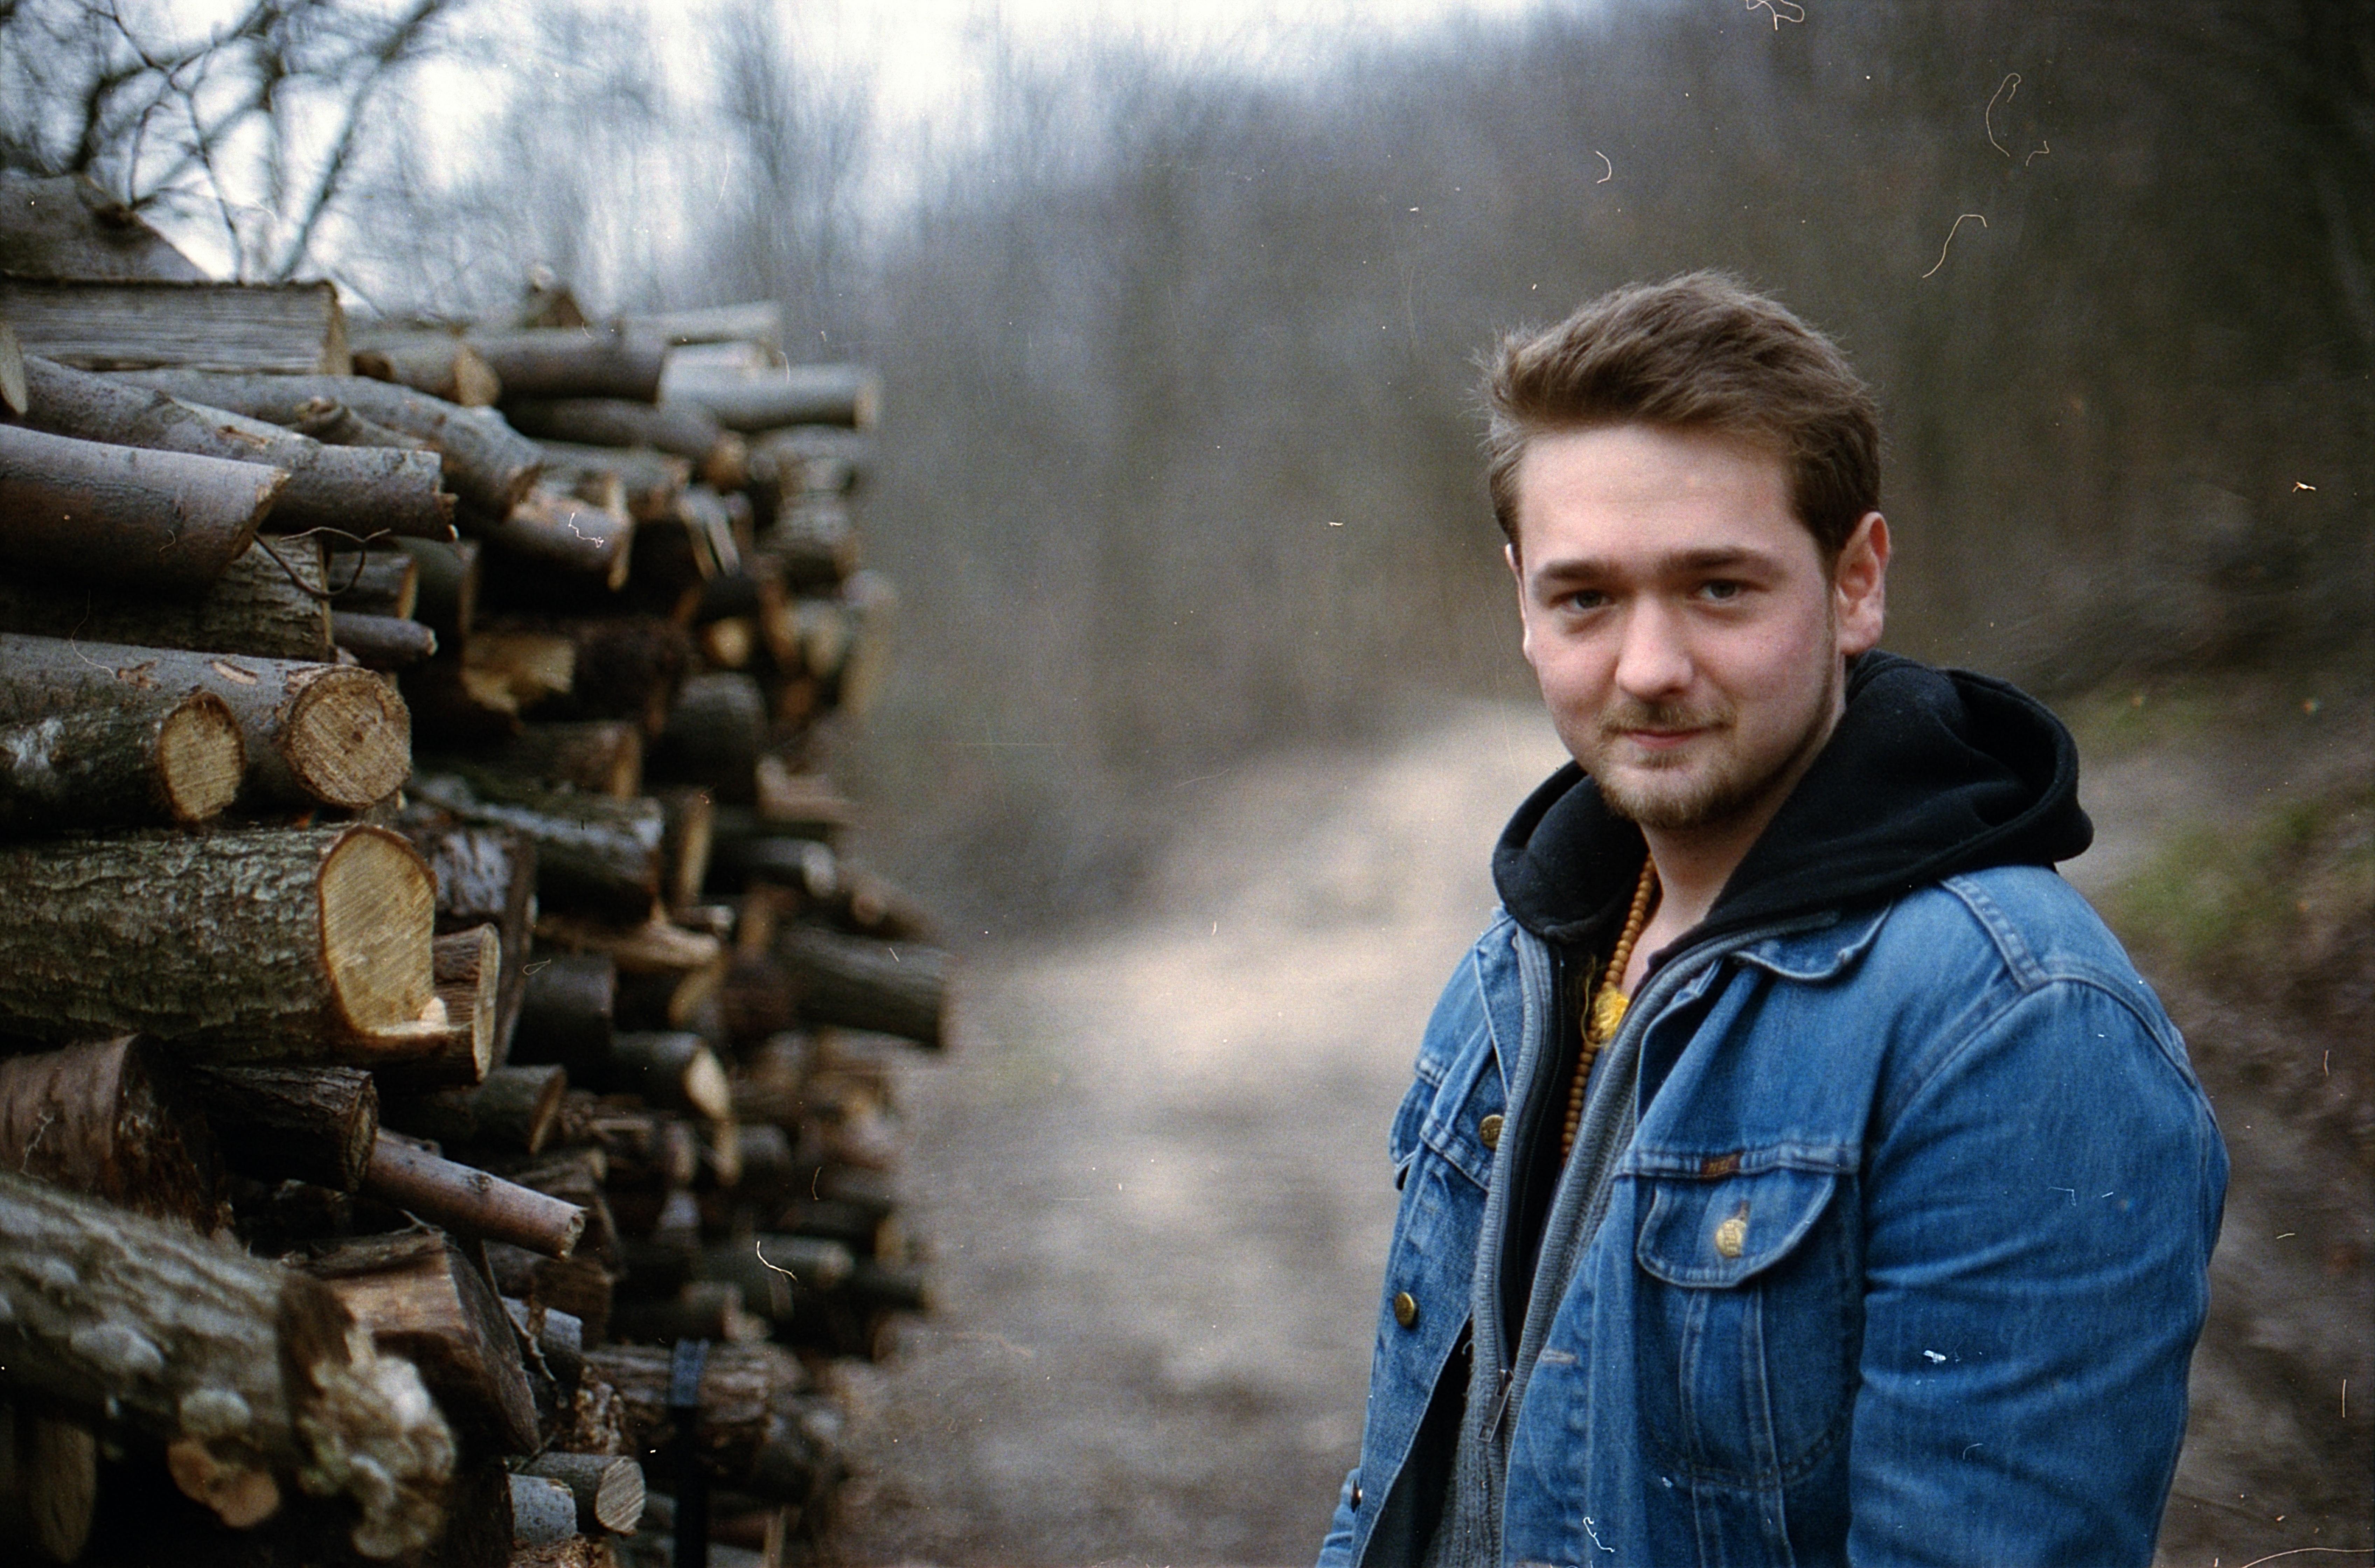 внешностью мужчины мужчина в лесу картинки для фотографий, здоровья